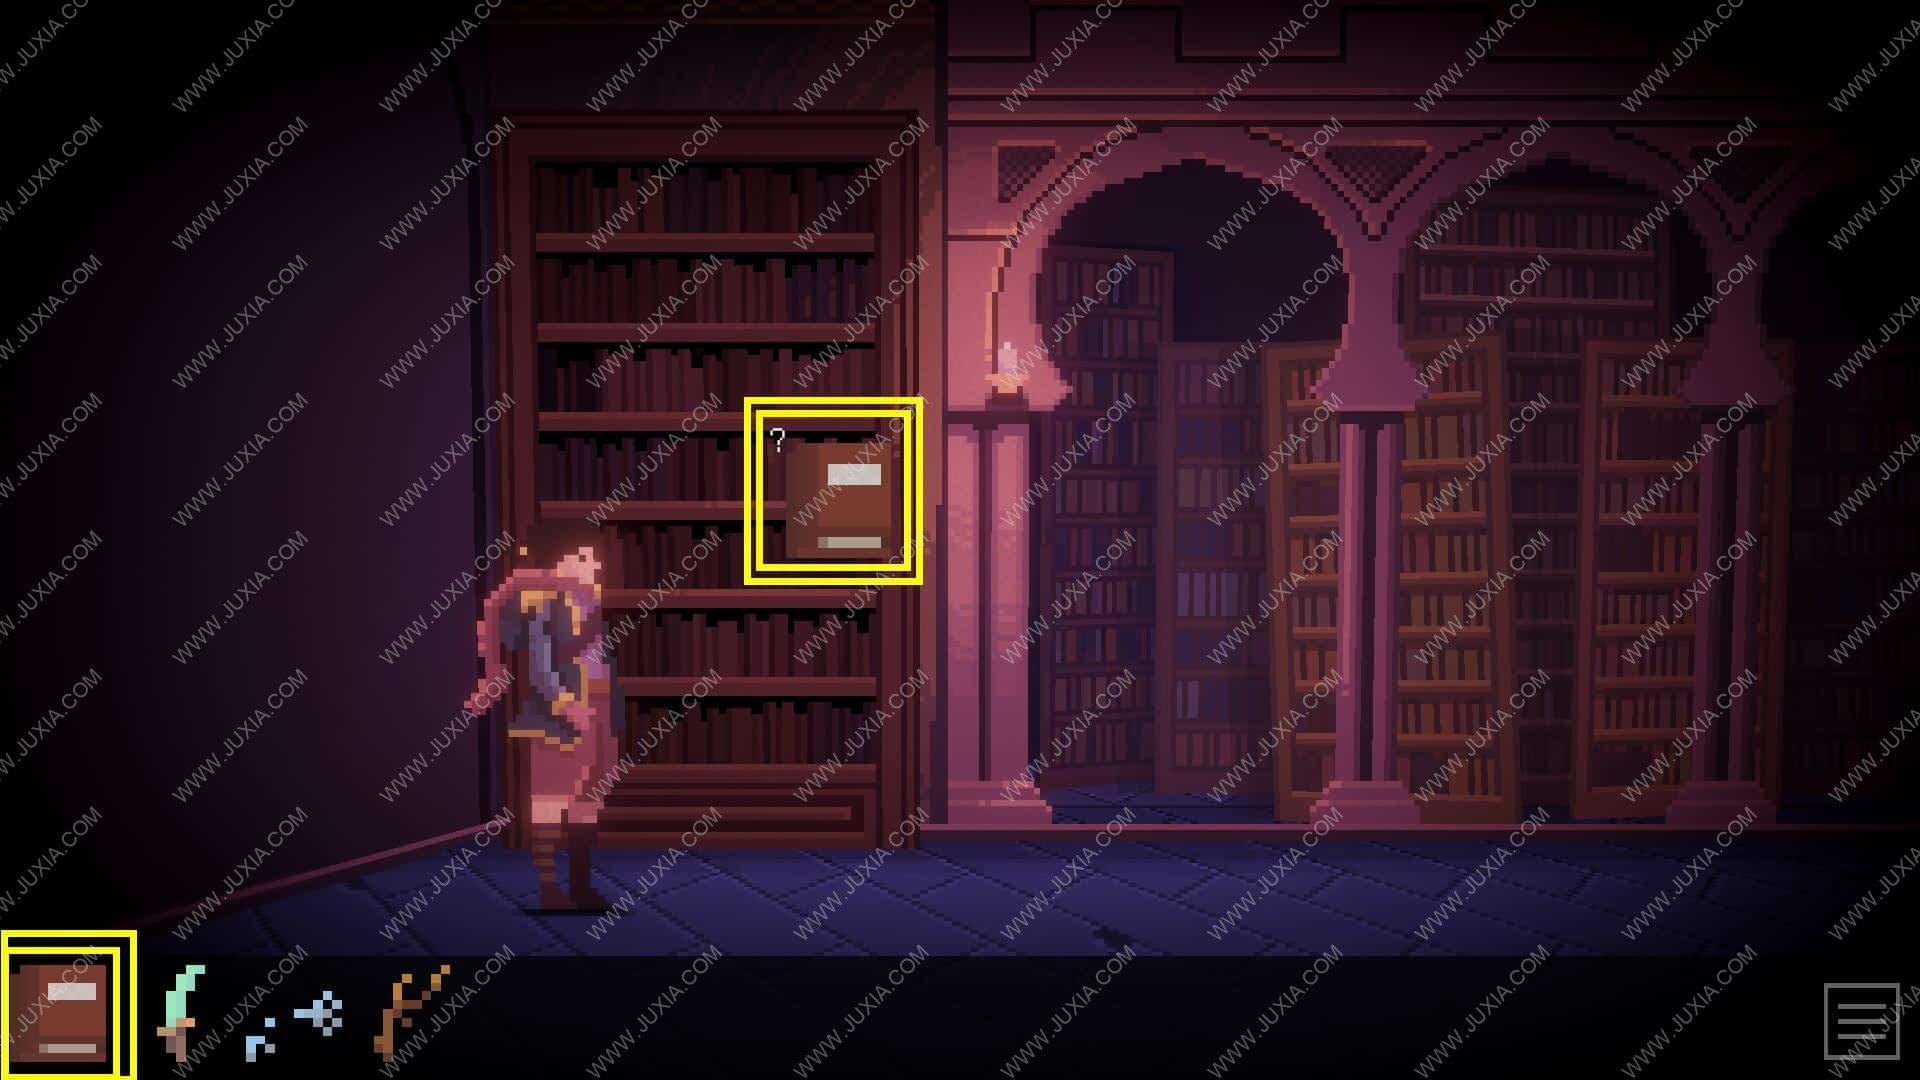 图书馆管理员攻略 TheLibrarian攻略第一部分